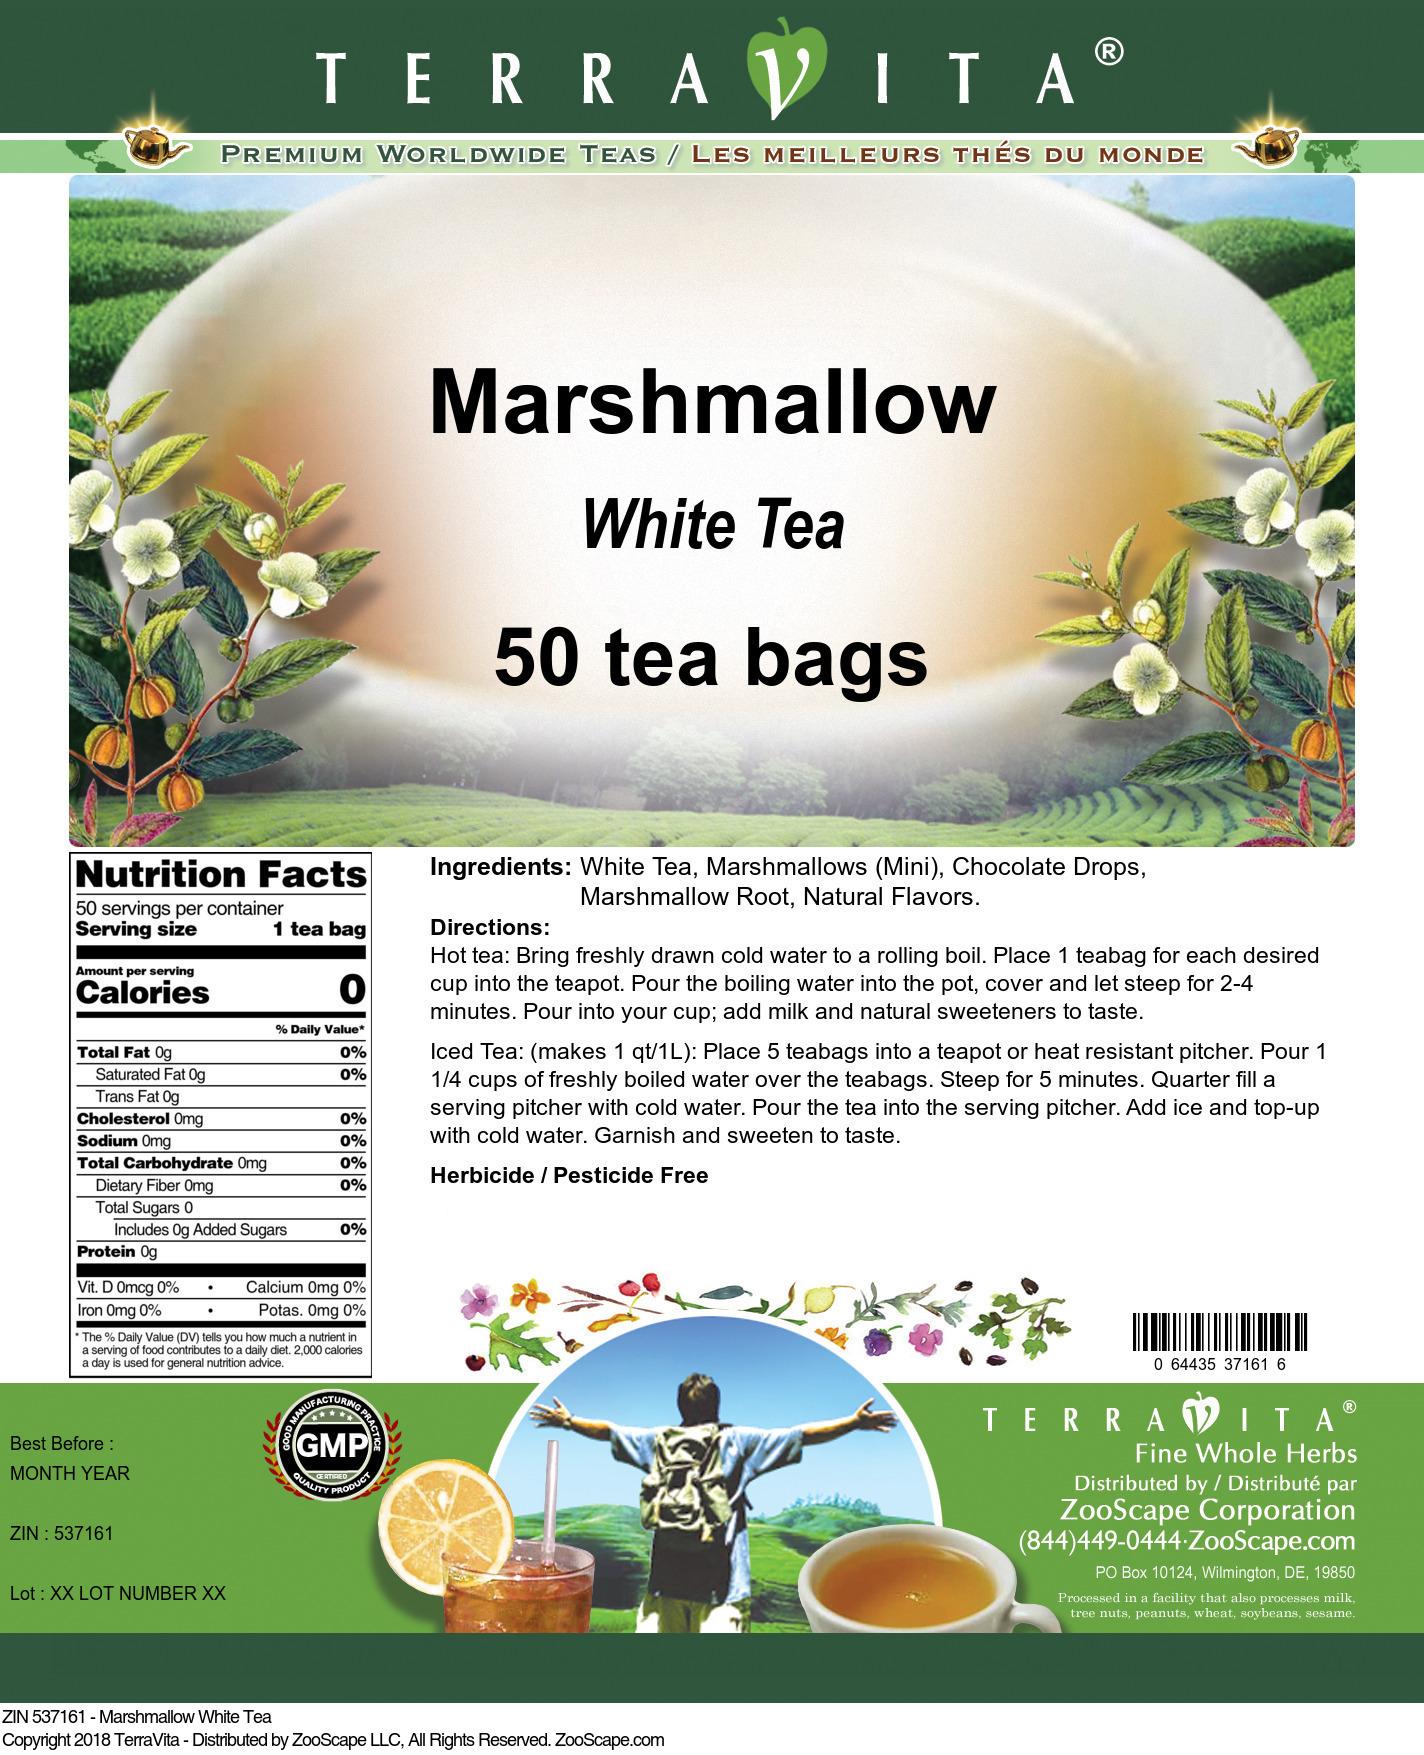 Marshmallow White Tea